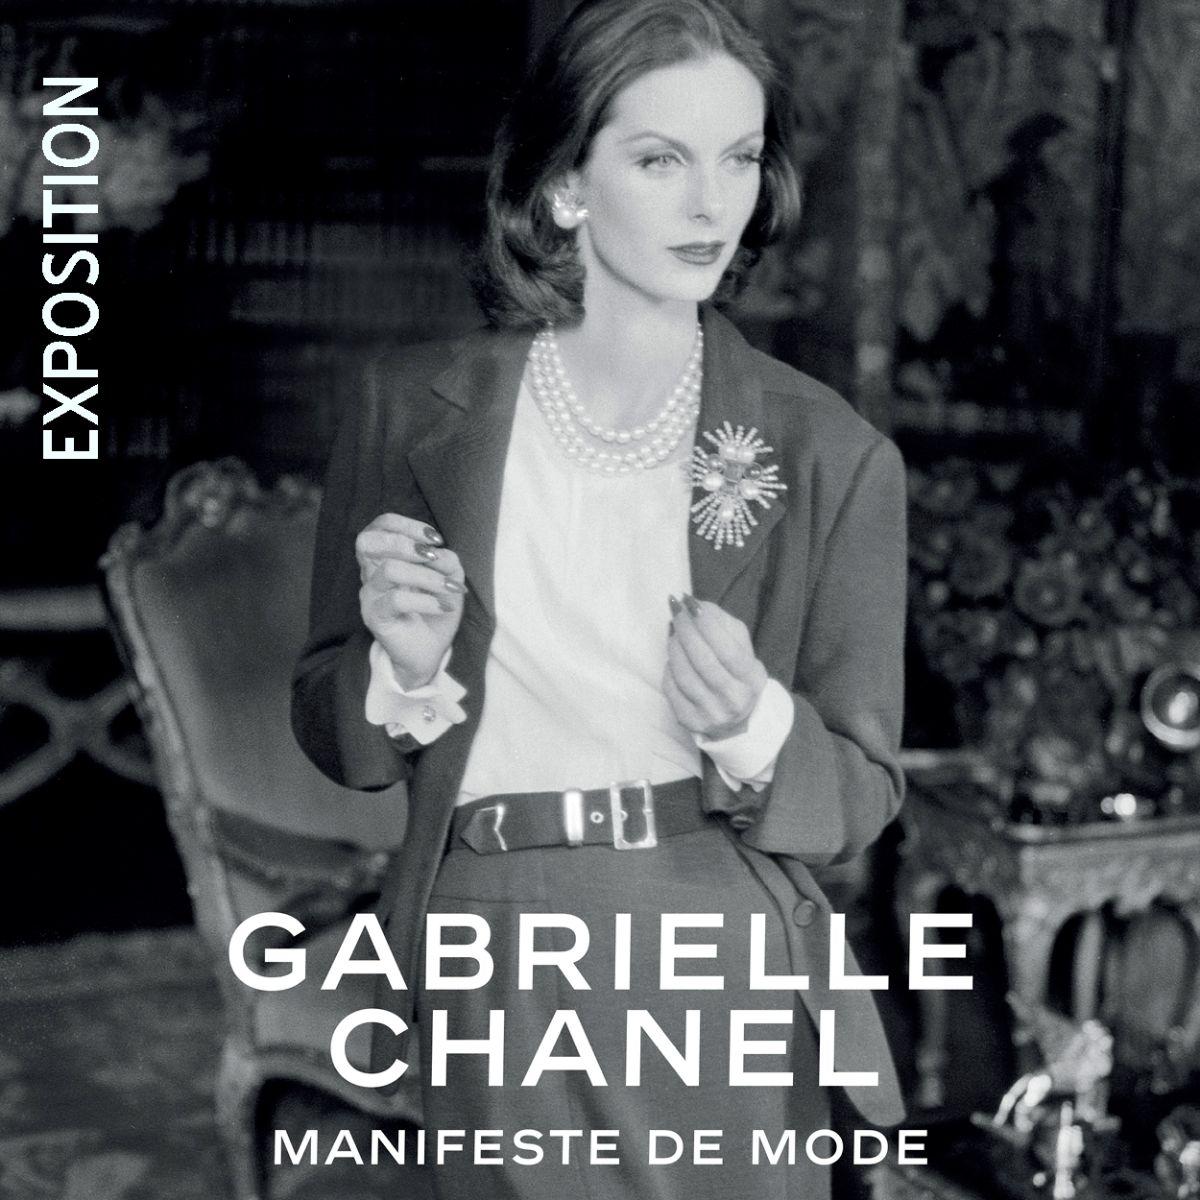 Un laissez-passer pour l'exposition GABRIELLE CHANEL. Manifeste de mode